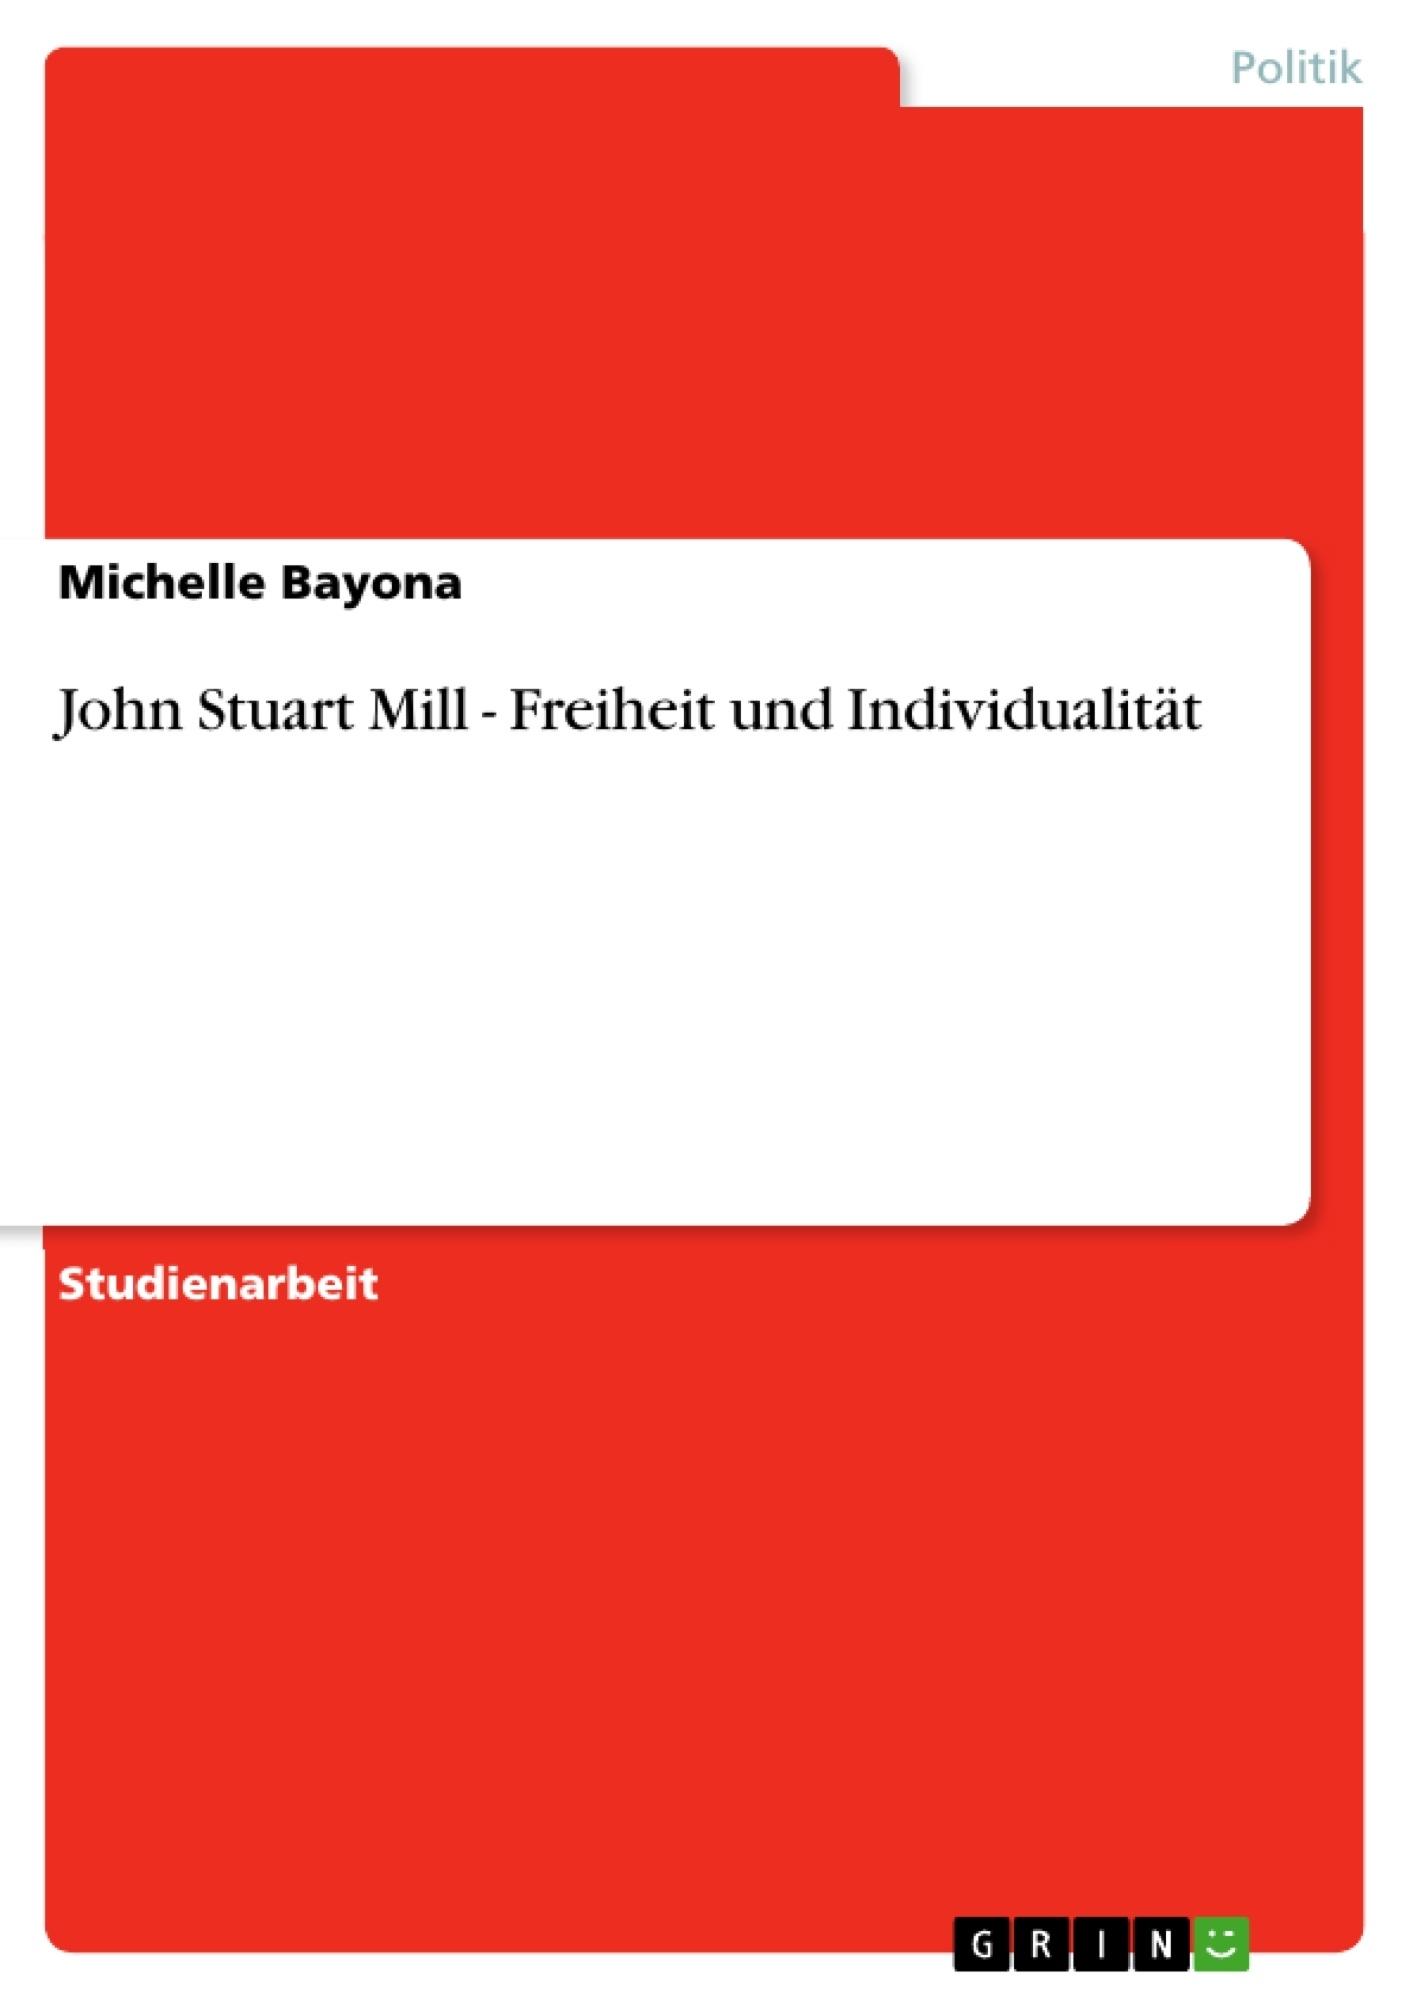 Titel: John Stuart Mill - Freiheit und Individualität